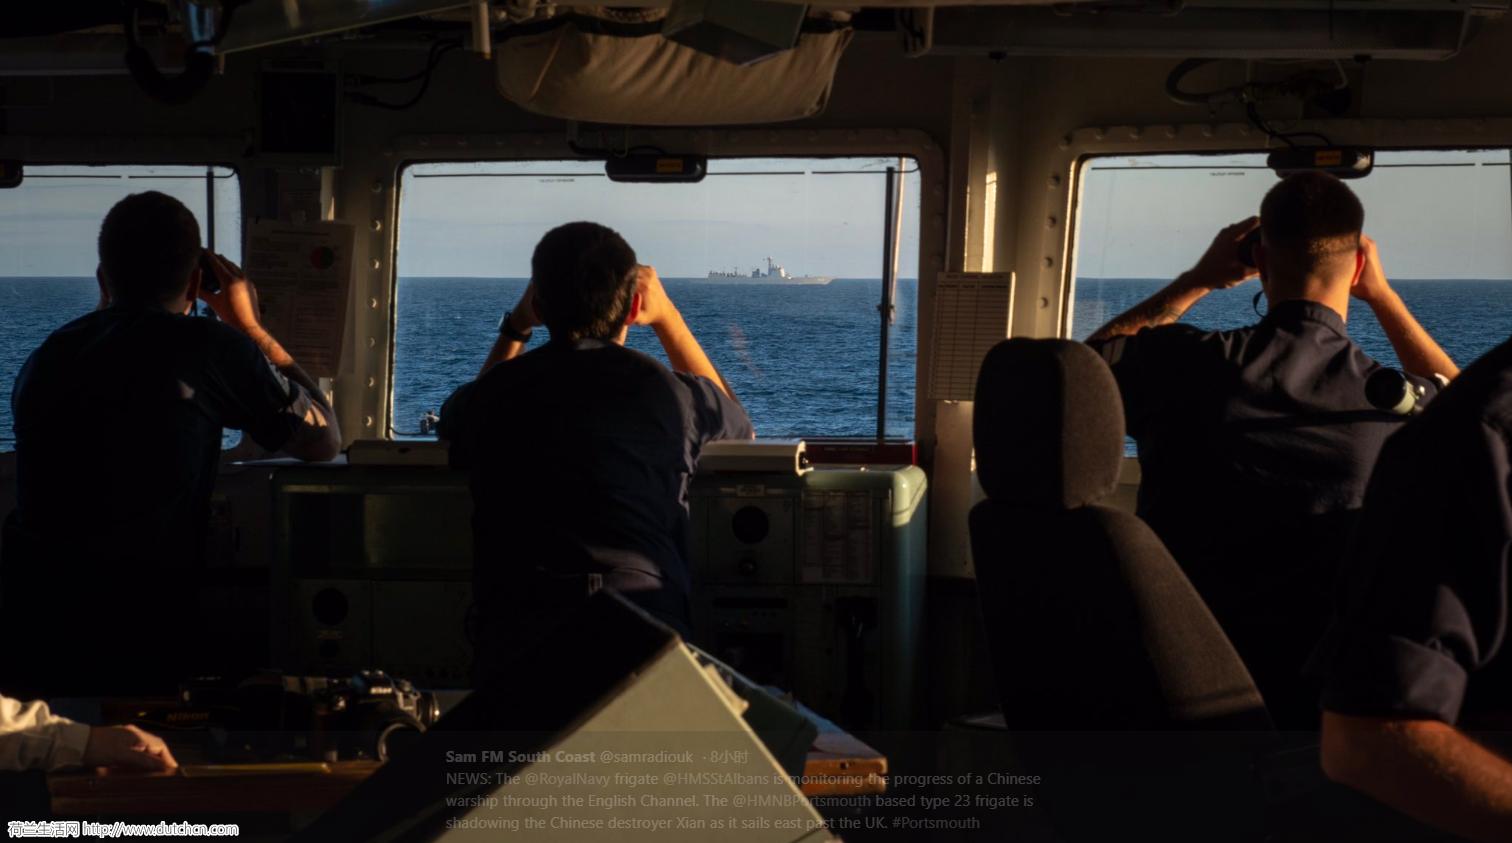 西安舰穿越英吉利海峡访问荷兰,英国海军紧急出动监视